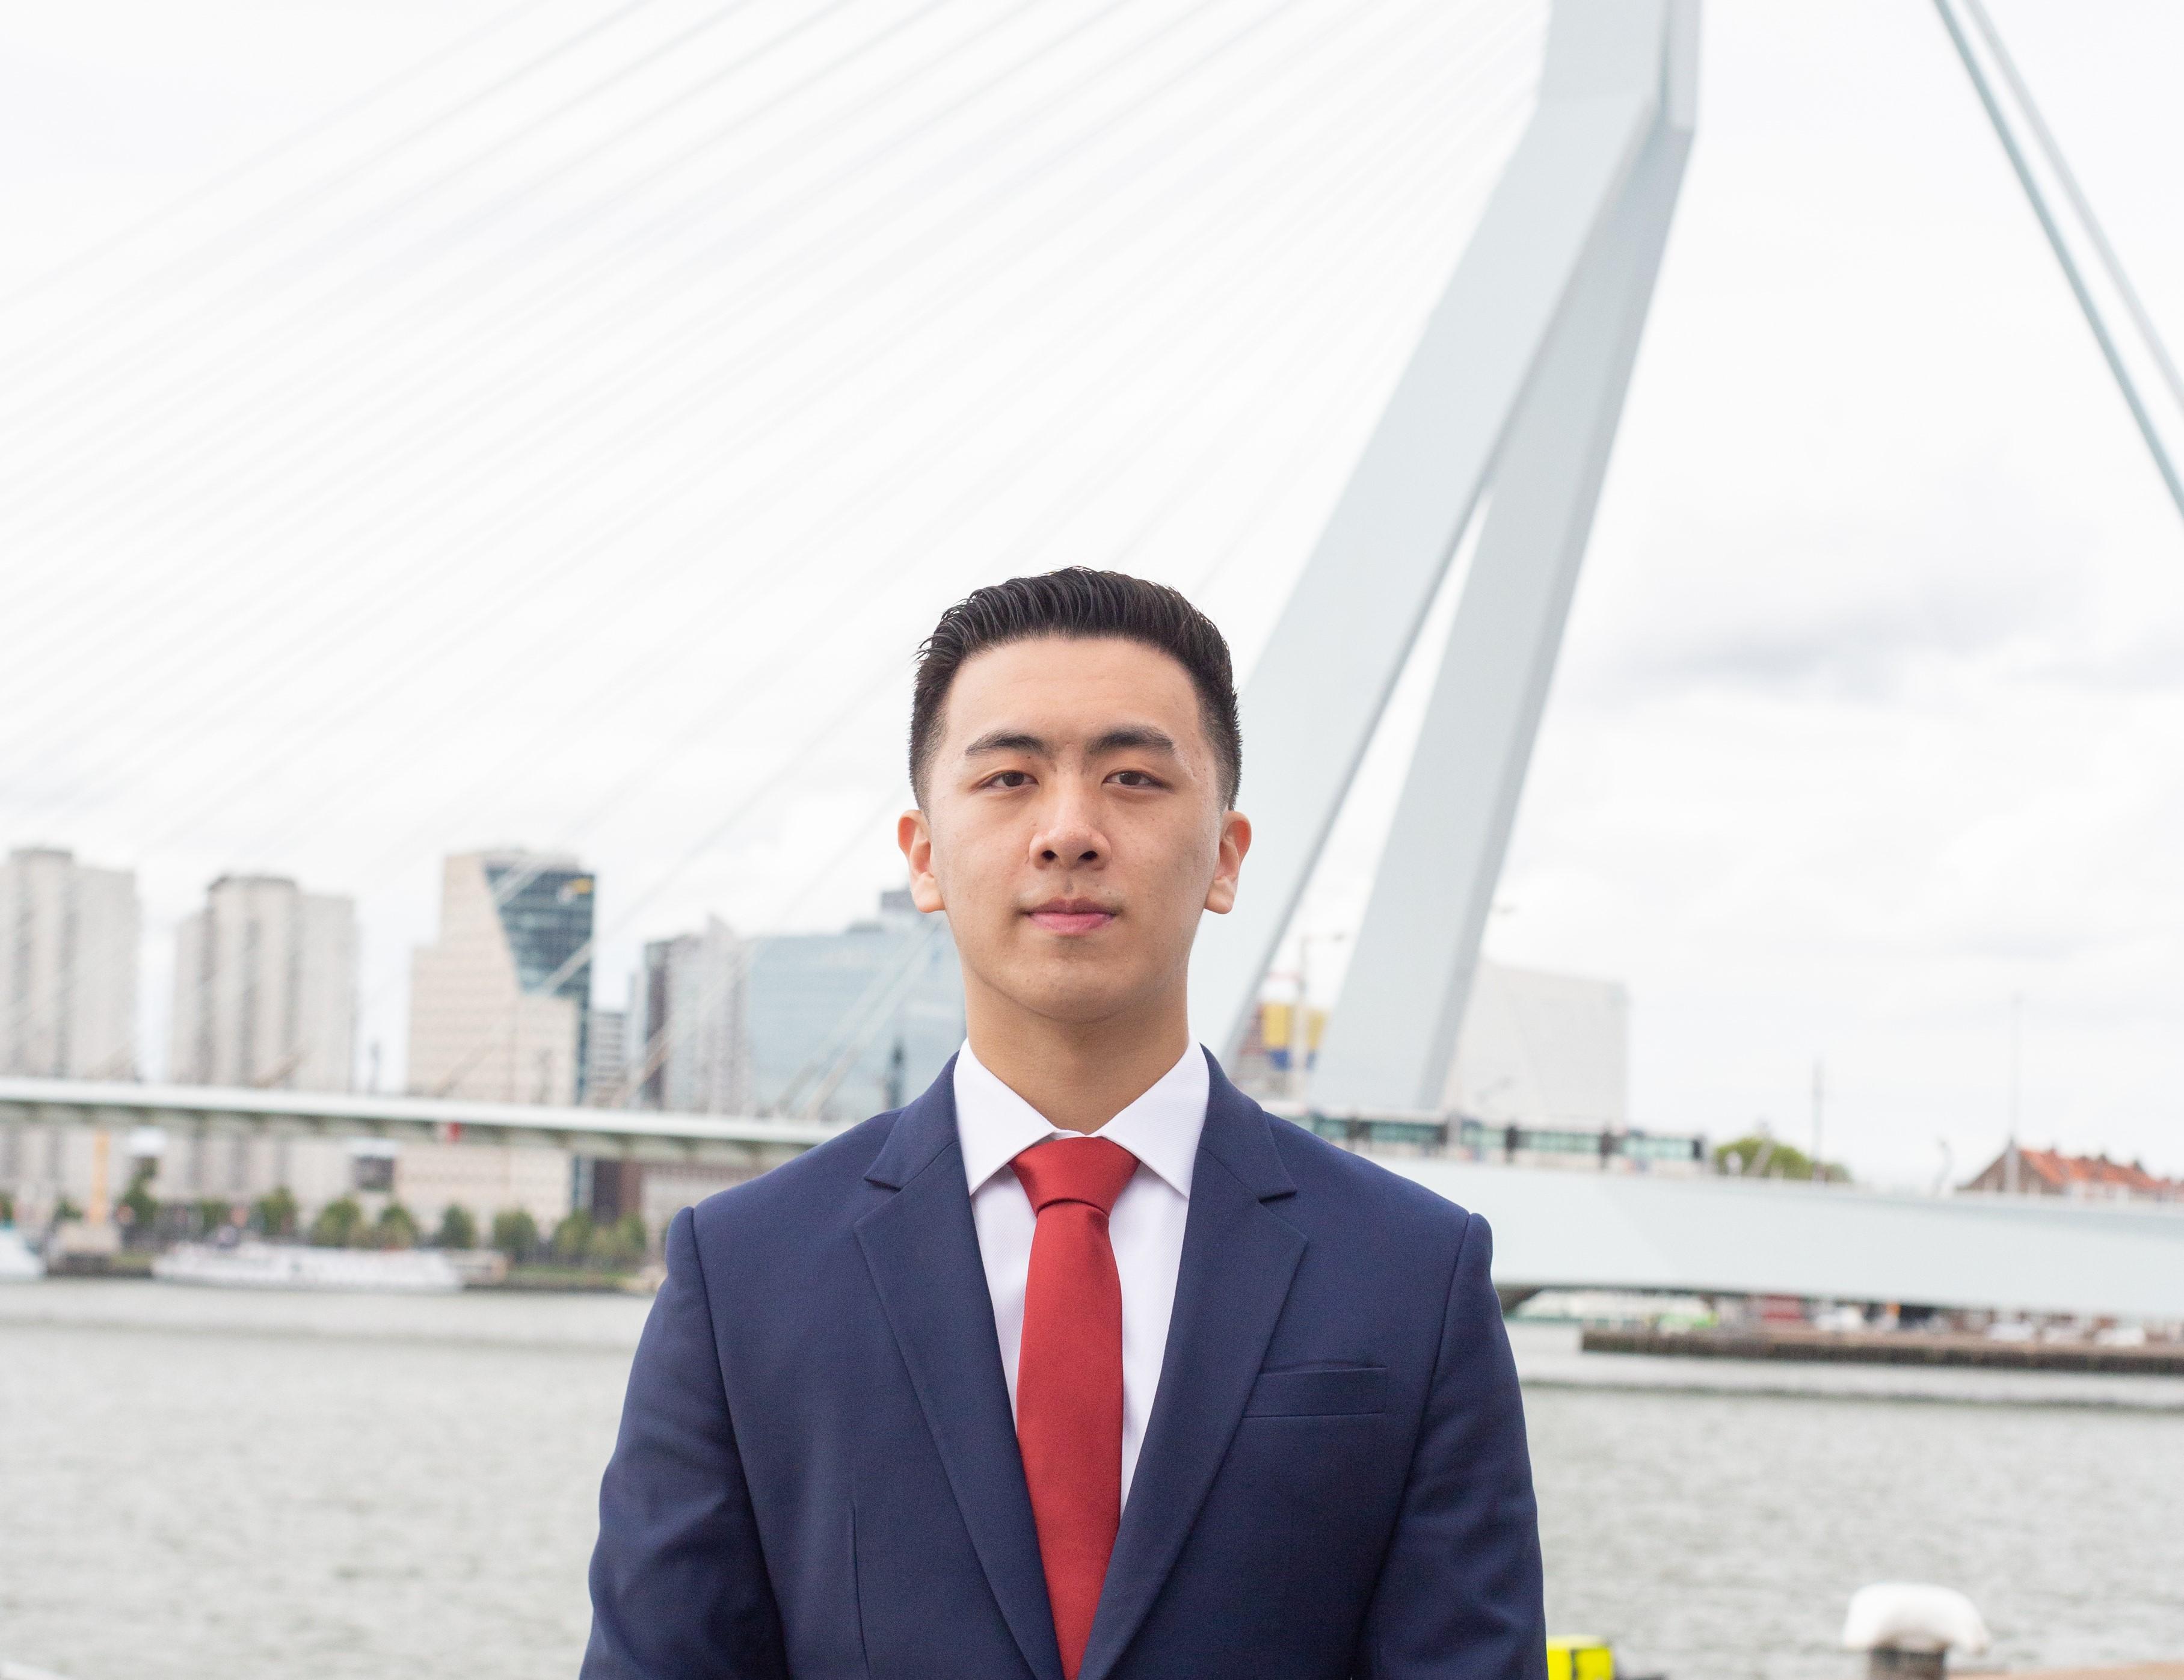 Jia Hao Zhou